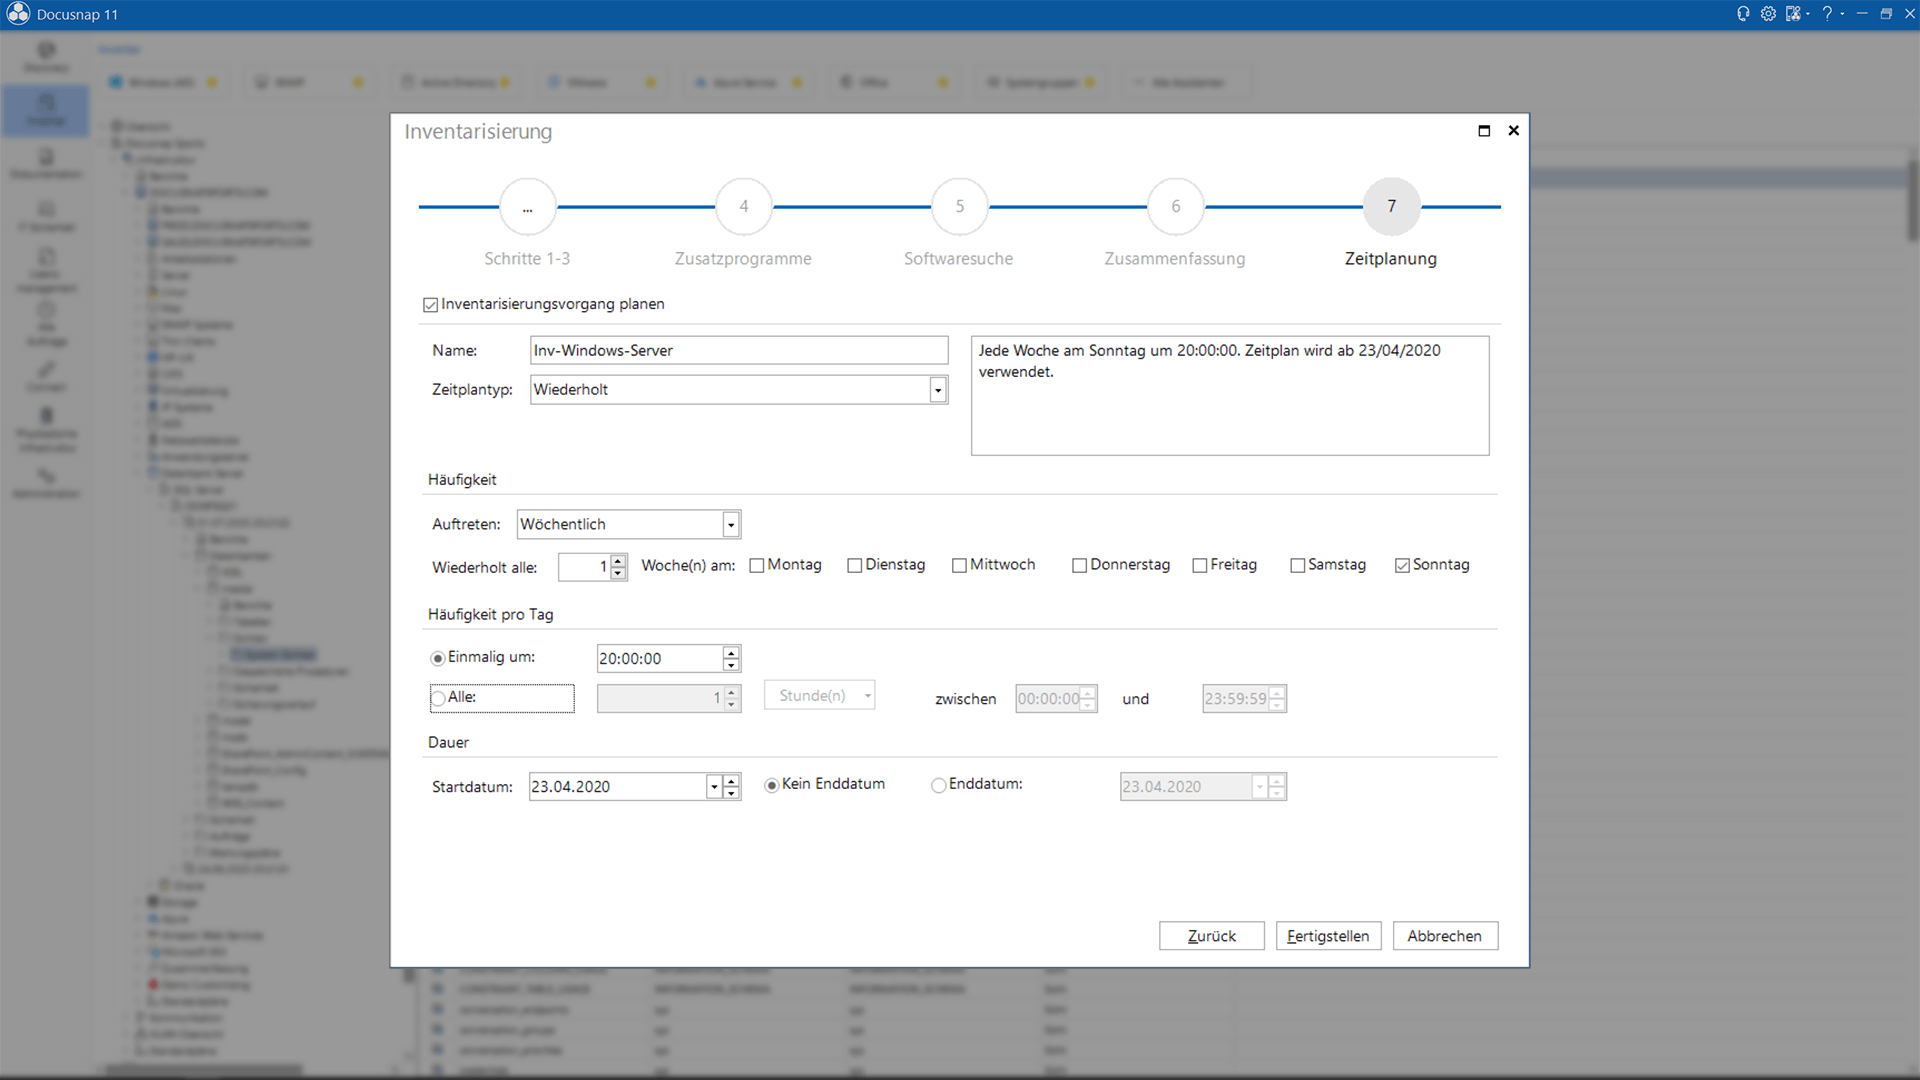 Screenshot: Inventarisierungsintervall im Assistenten eingeben